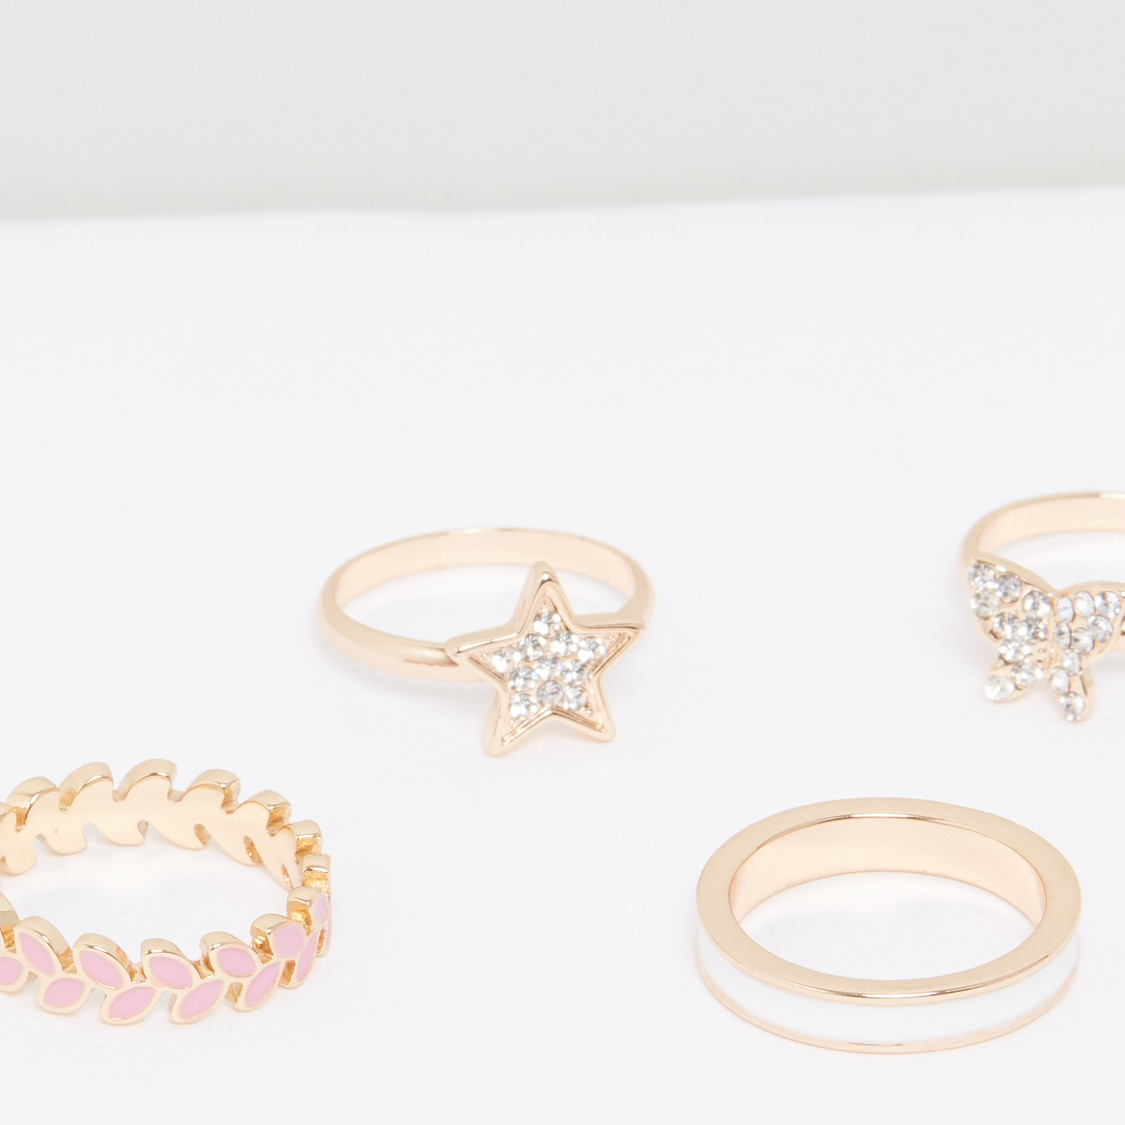 Metallic Finger Ring - Set of 4